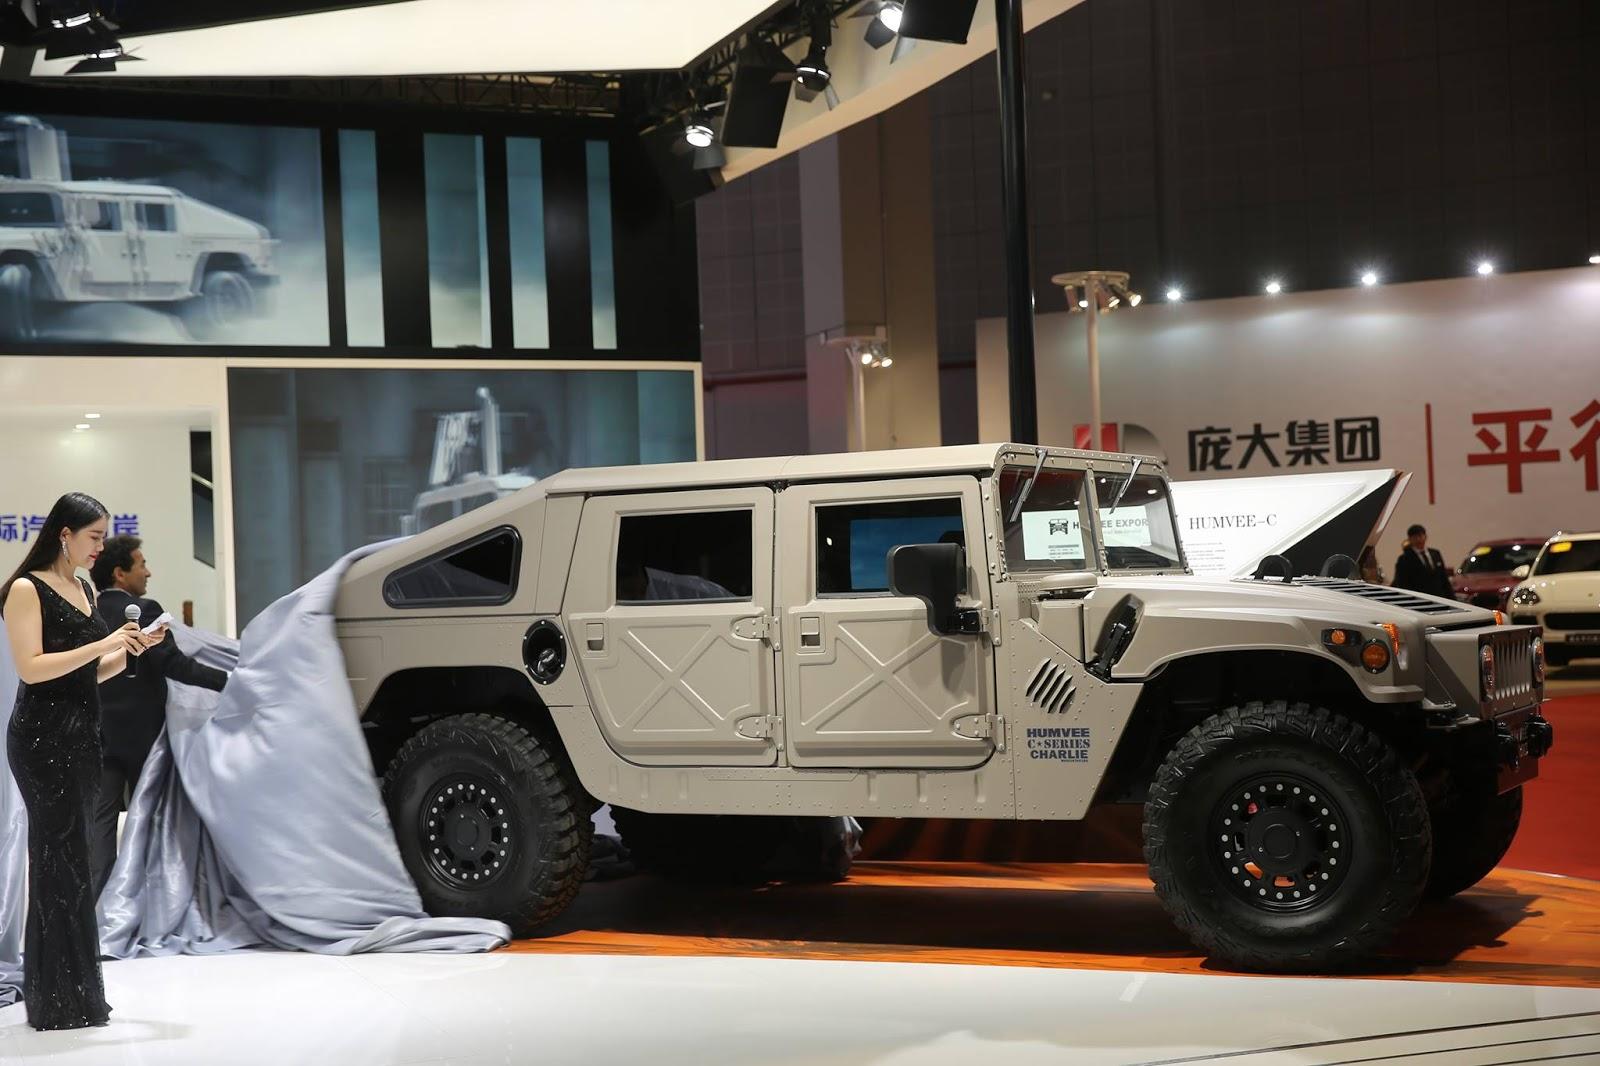 Humvee_C-Series_10